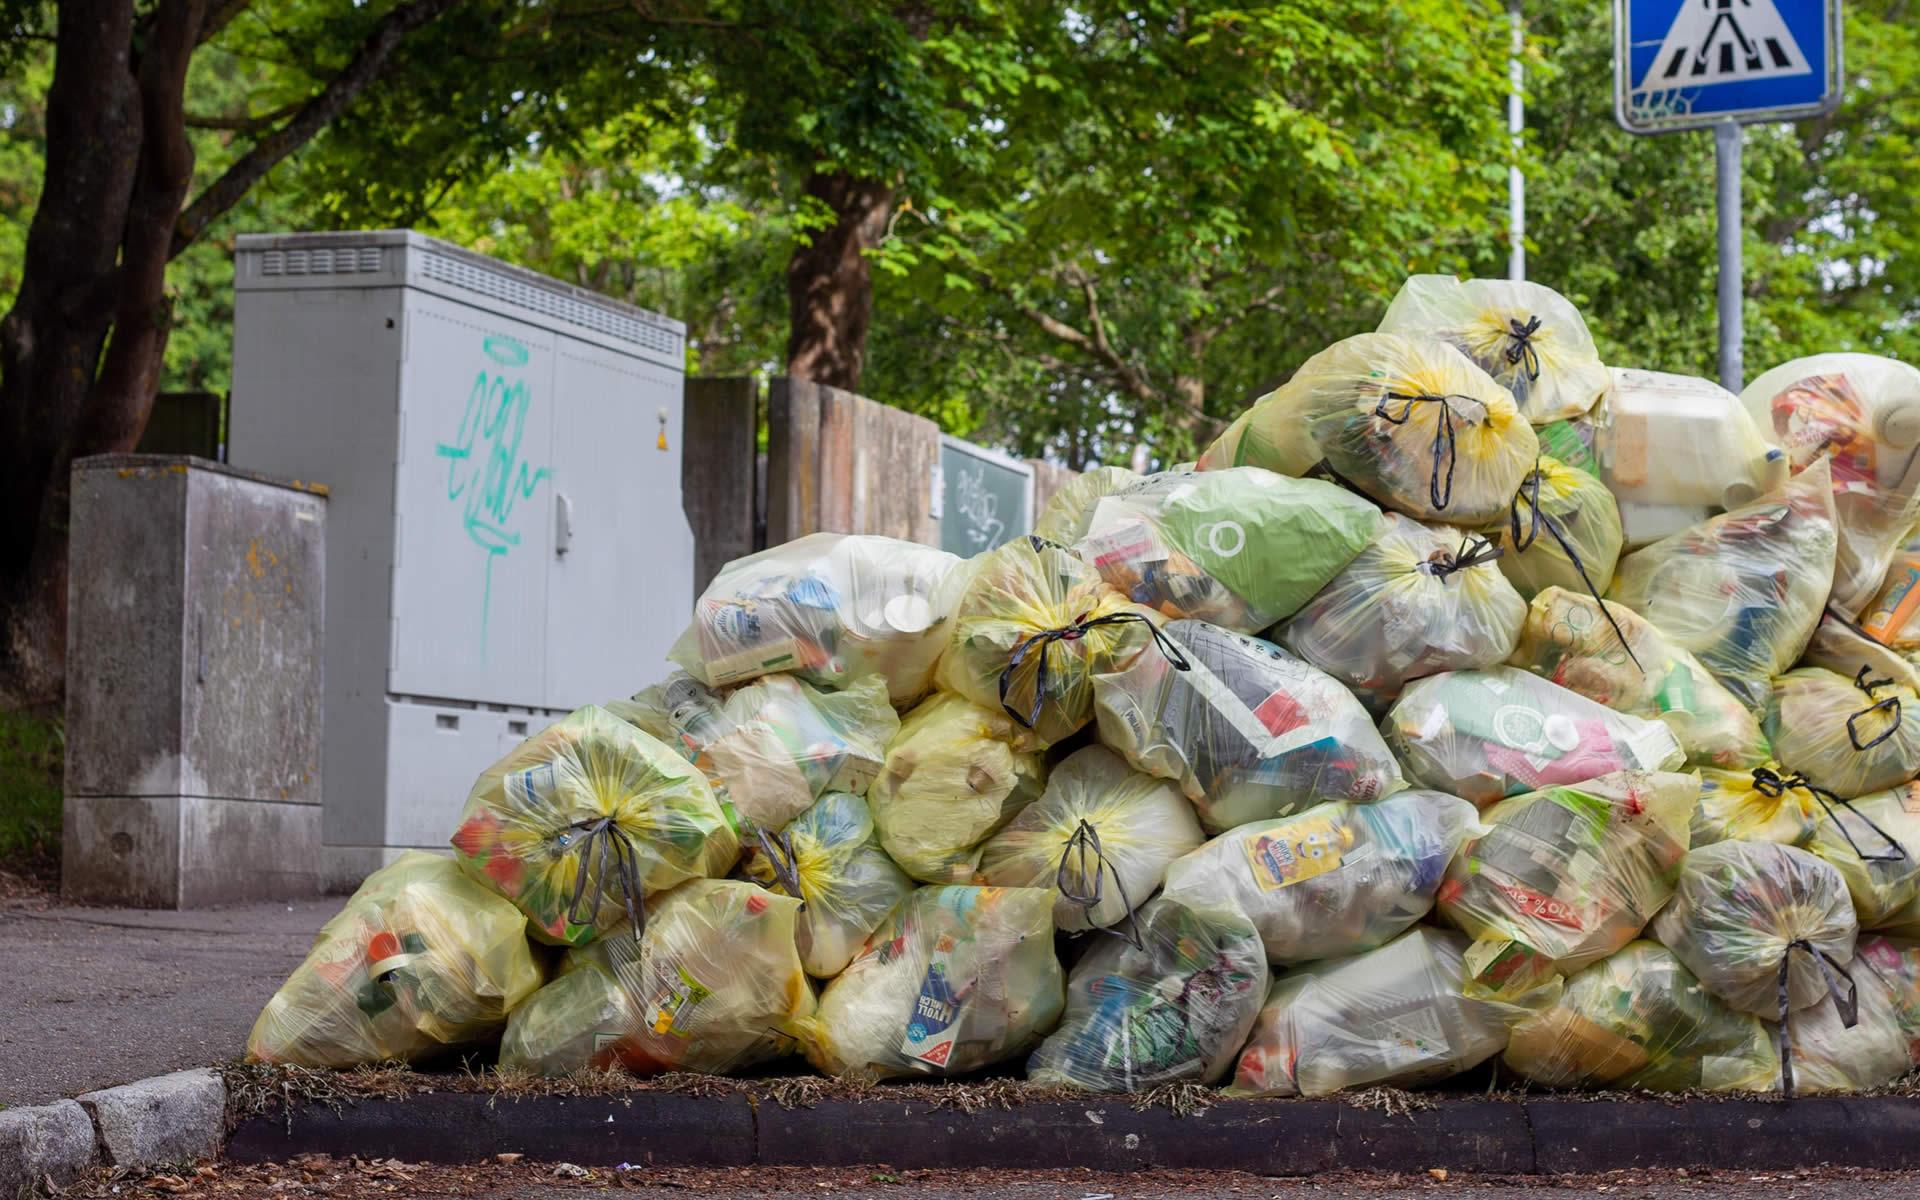 Gestione non autorizzata: sequestrato impianto di rifiuti nel Monzese